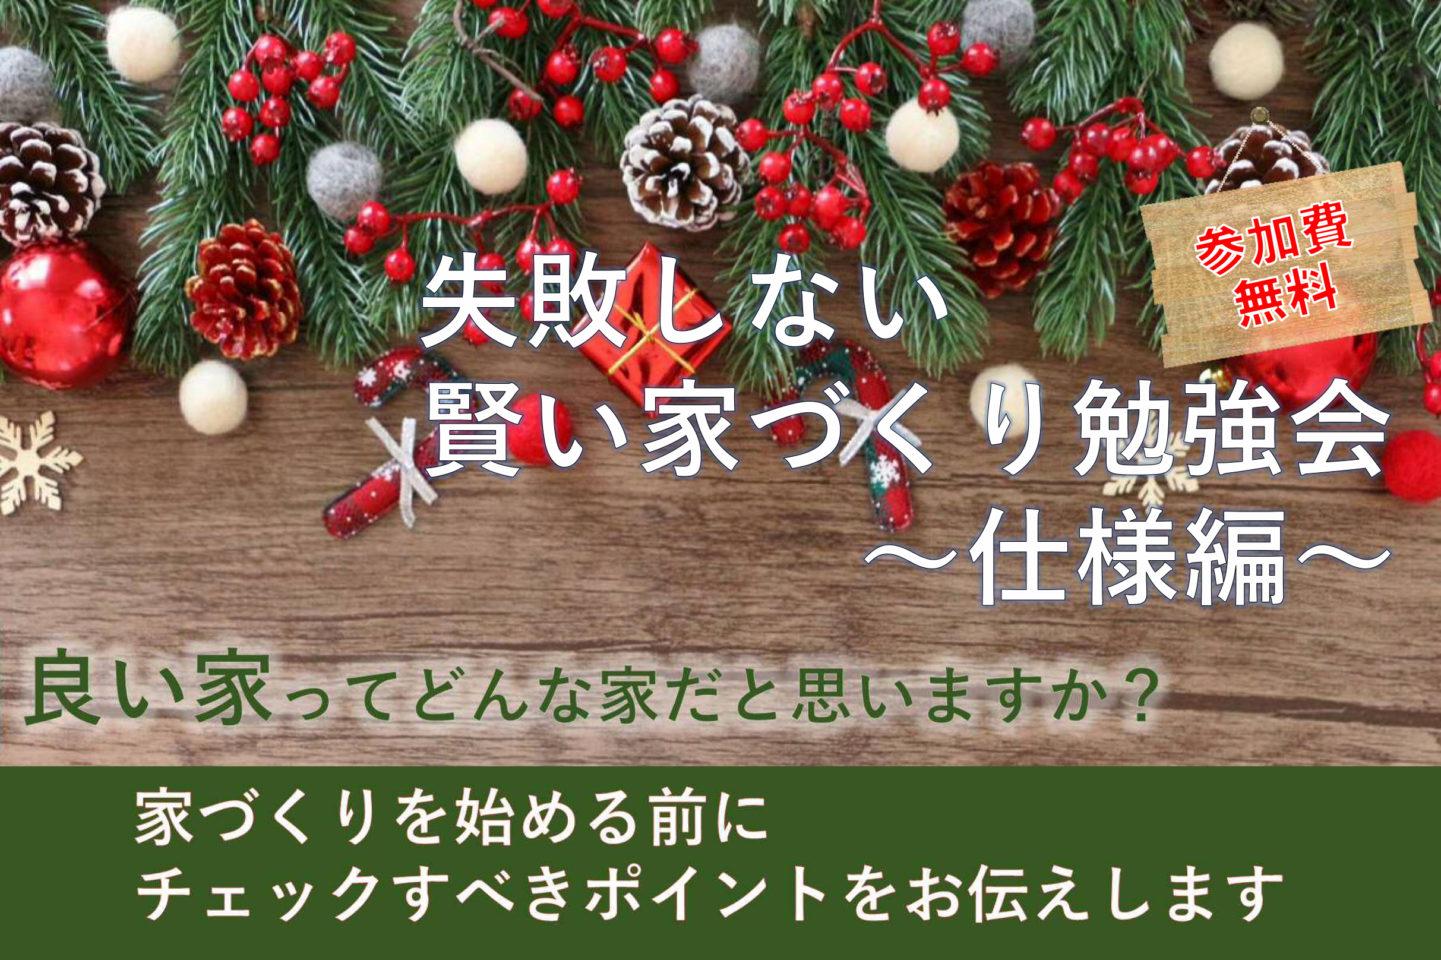 12/15(土)・16(日)失敗しない賢い家づくり勉強会<br>~仕様編~